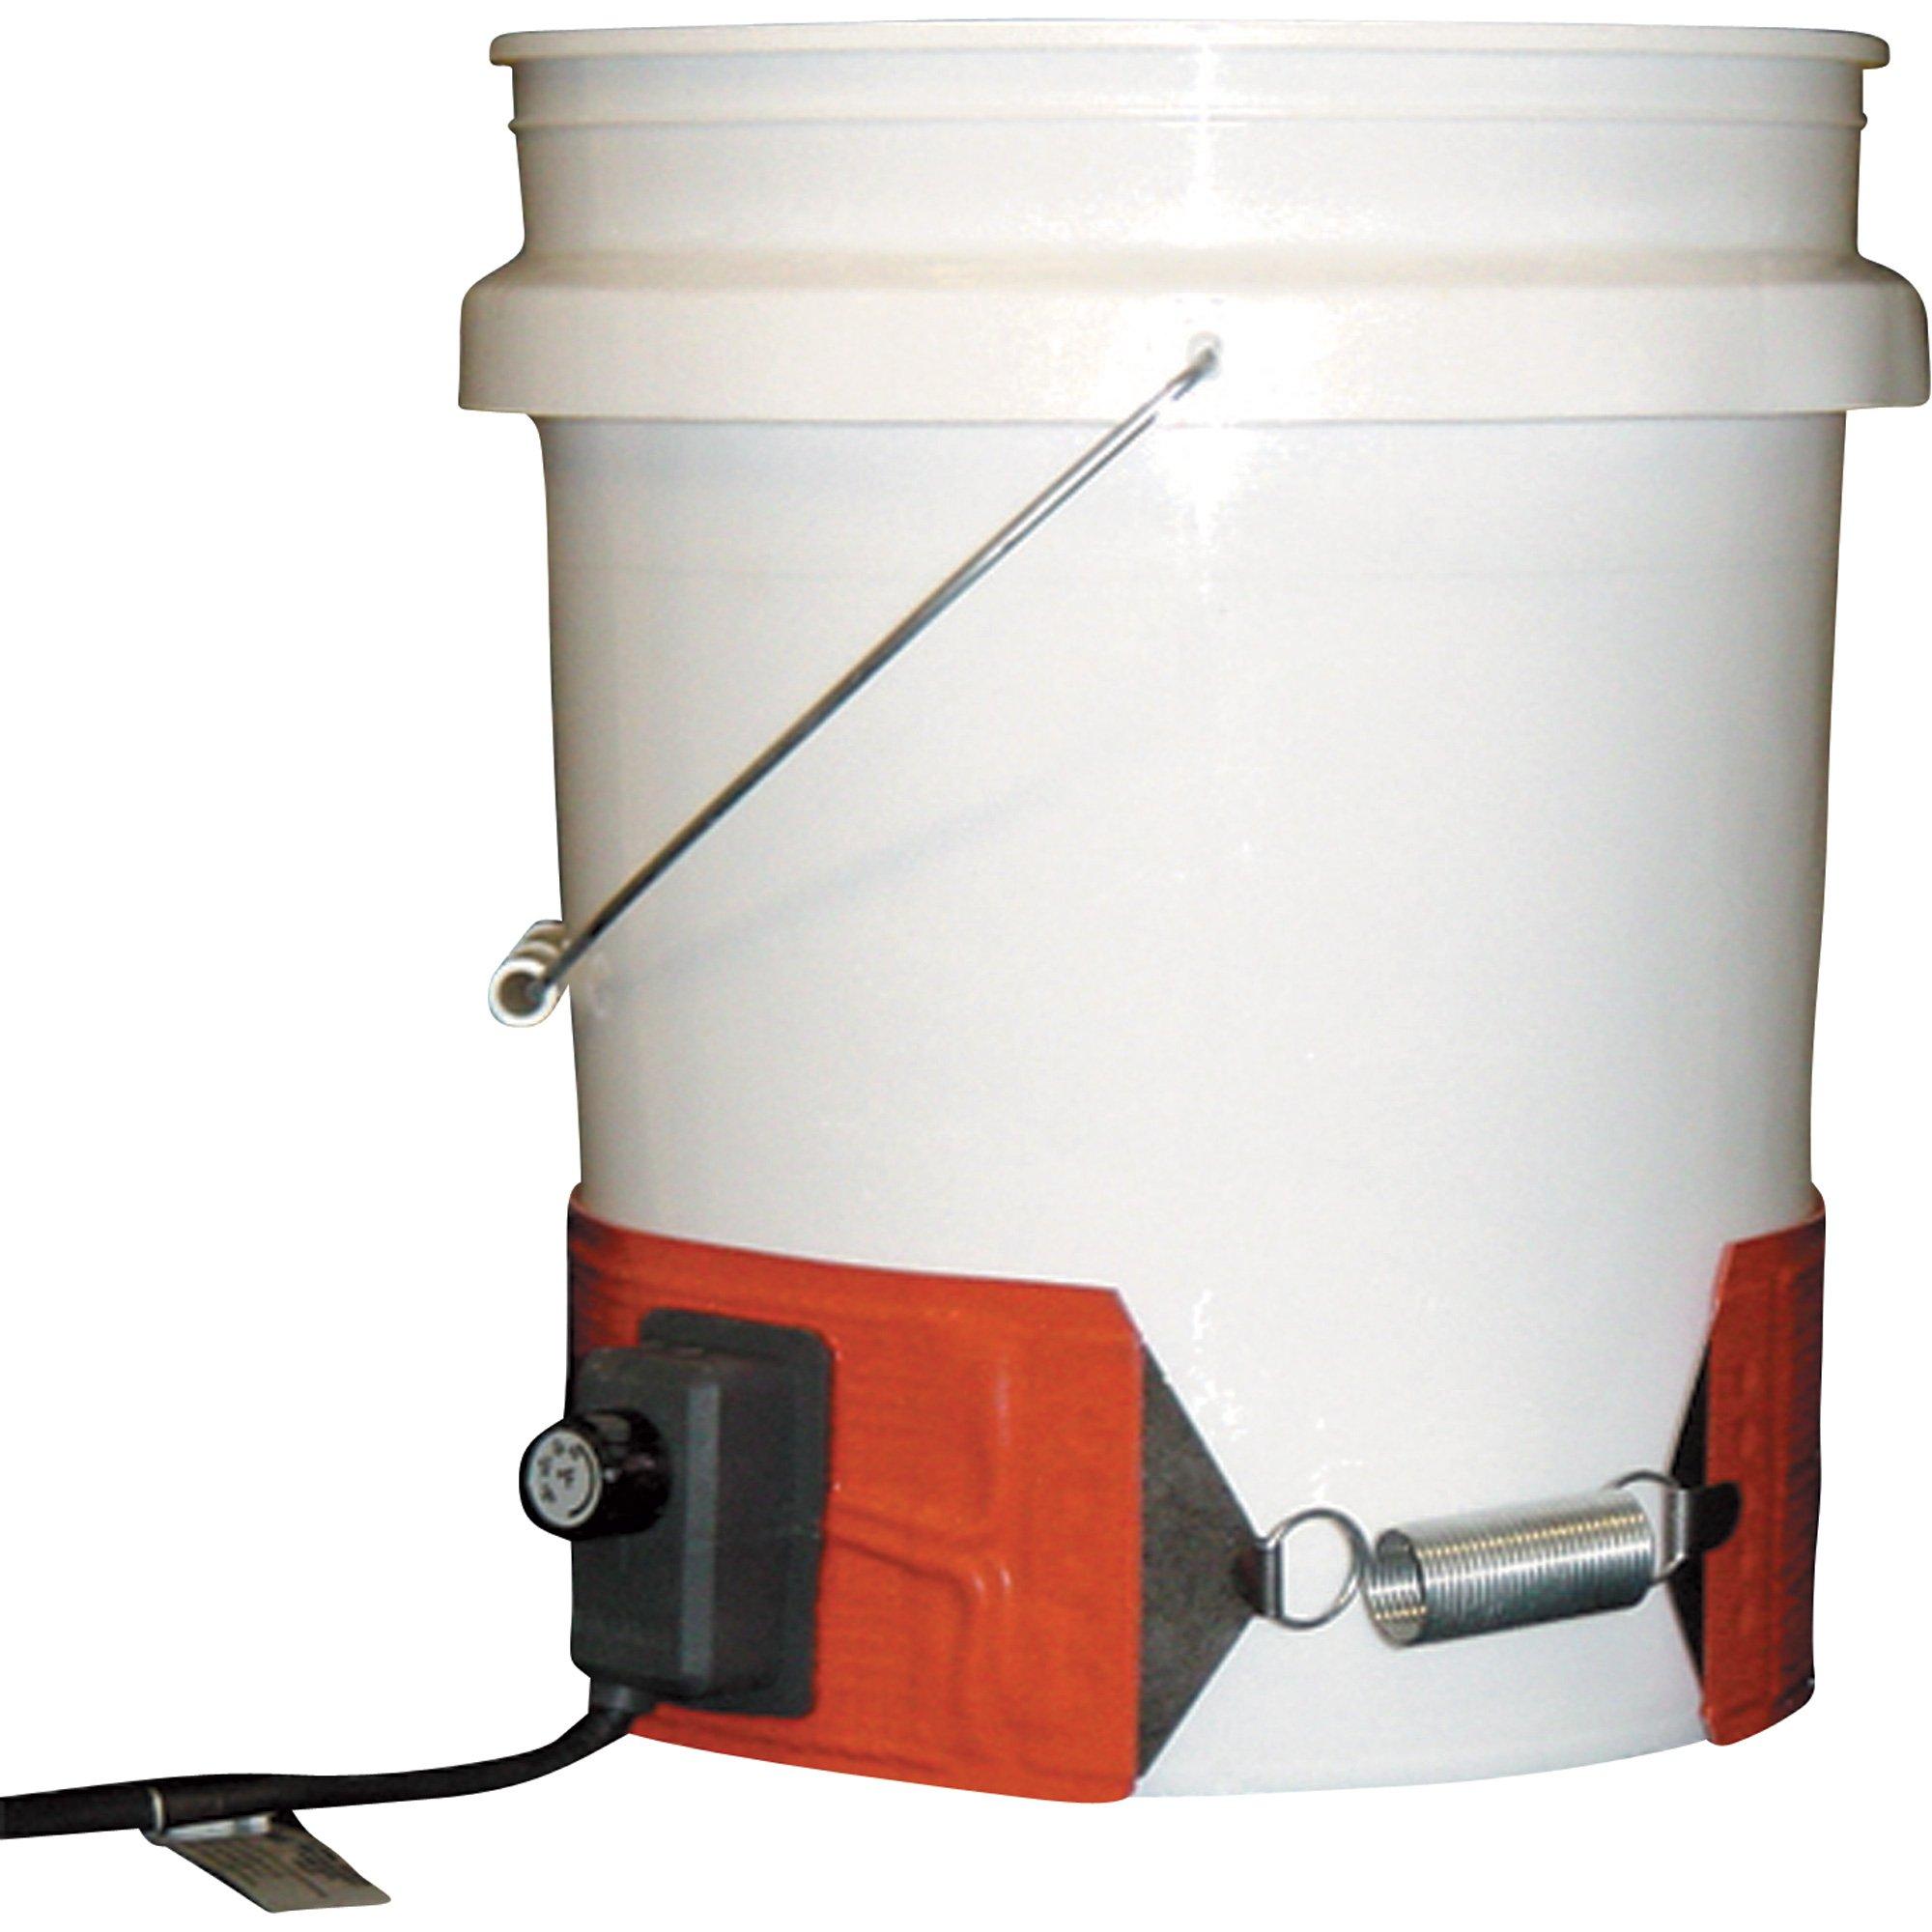 BriskHeat Plastic Drum Heater - 5-Gallon, 150 Watt, 120 Volt, Model# DPCS10